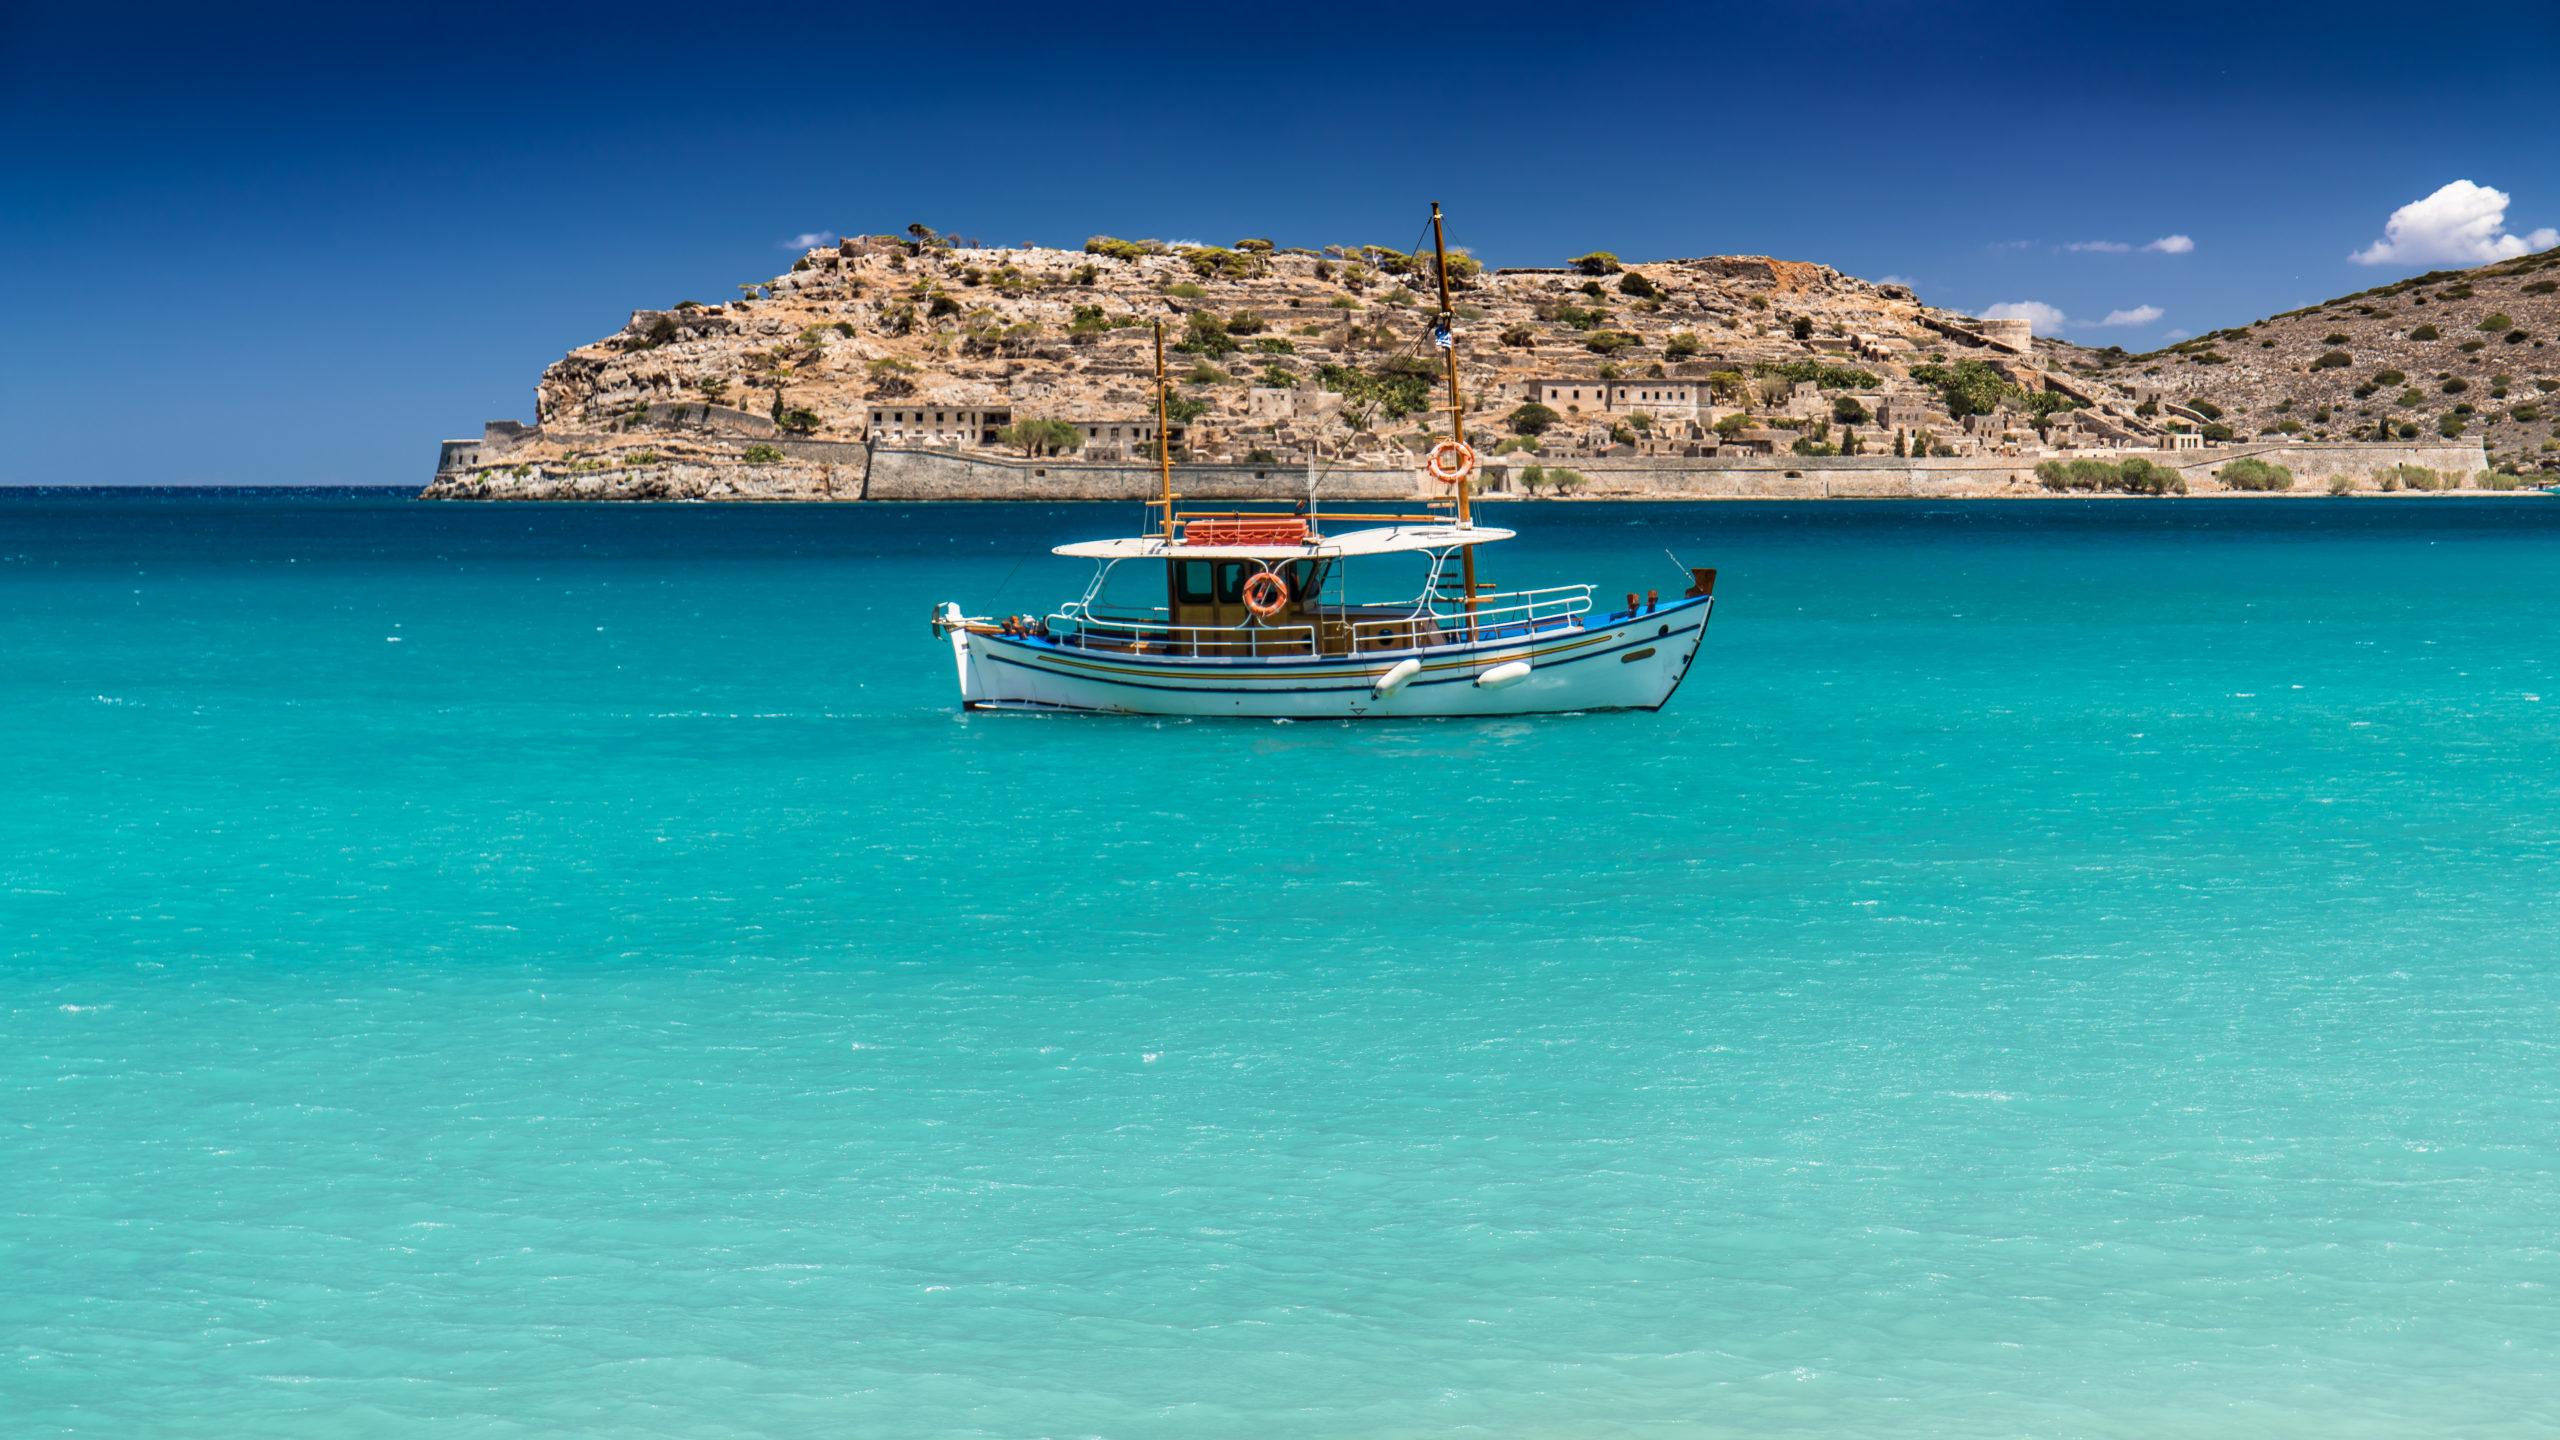 Heraklion in Crete